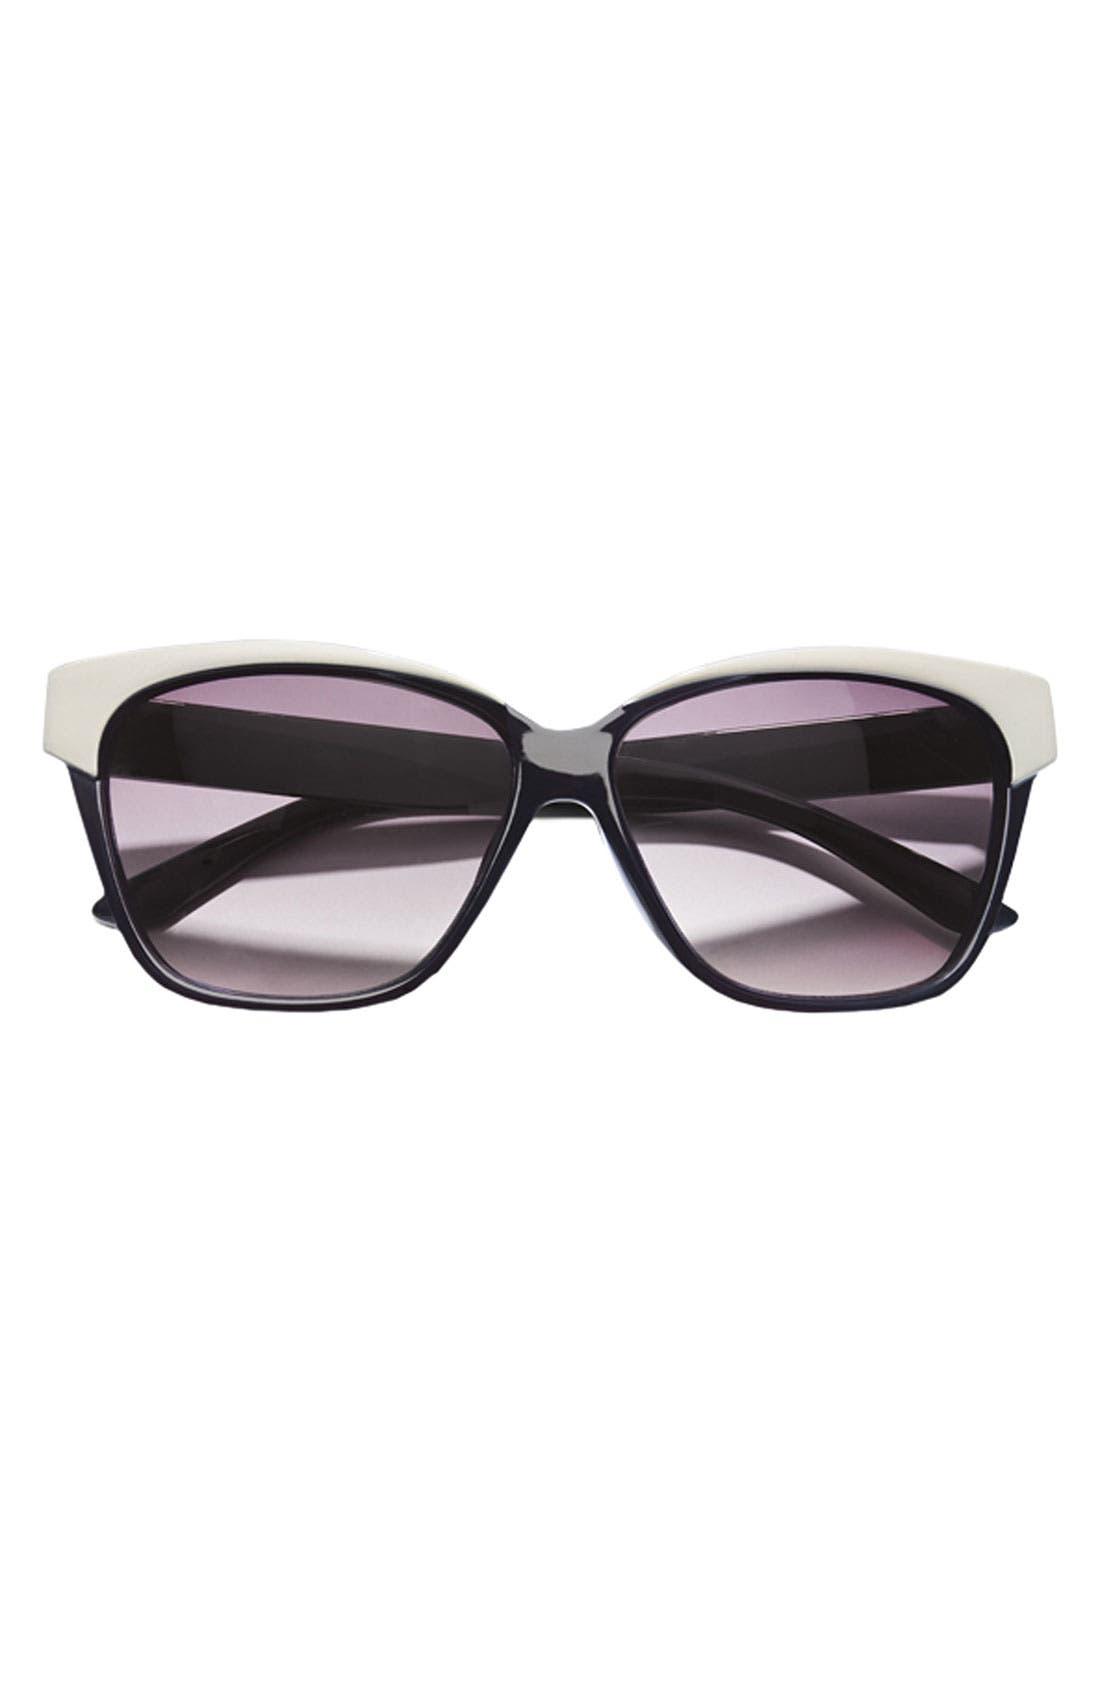 Alternate Image 2  - A.J. Morgan Retro Sunglasses